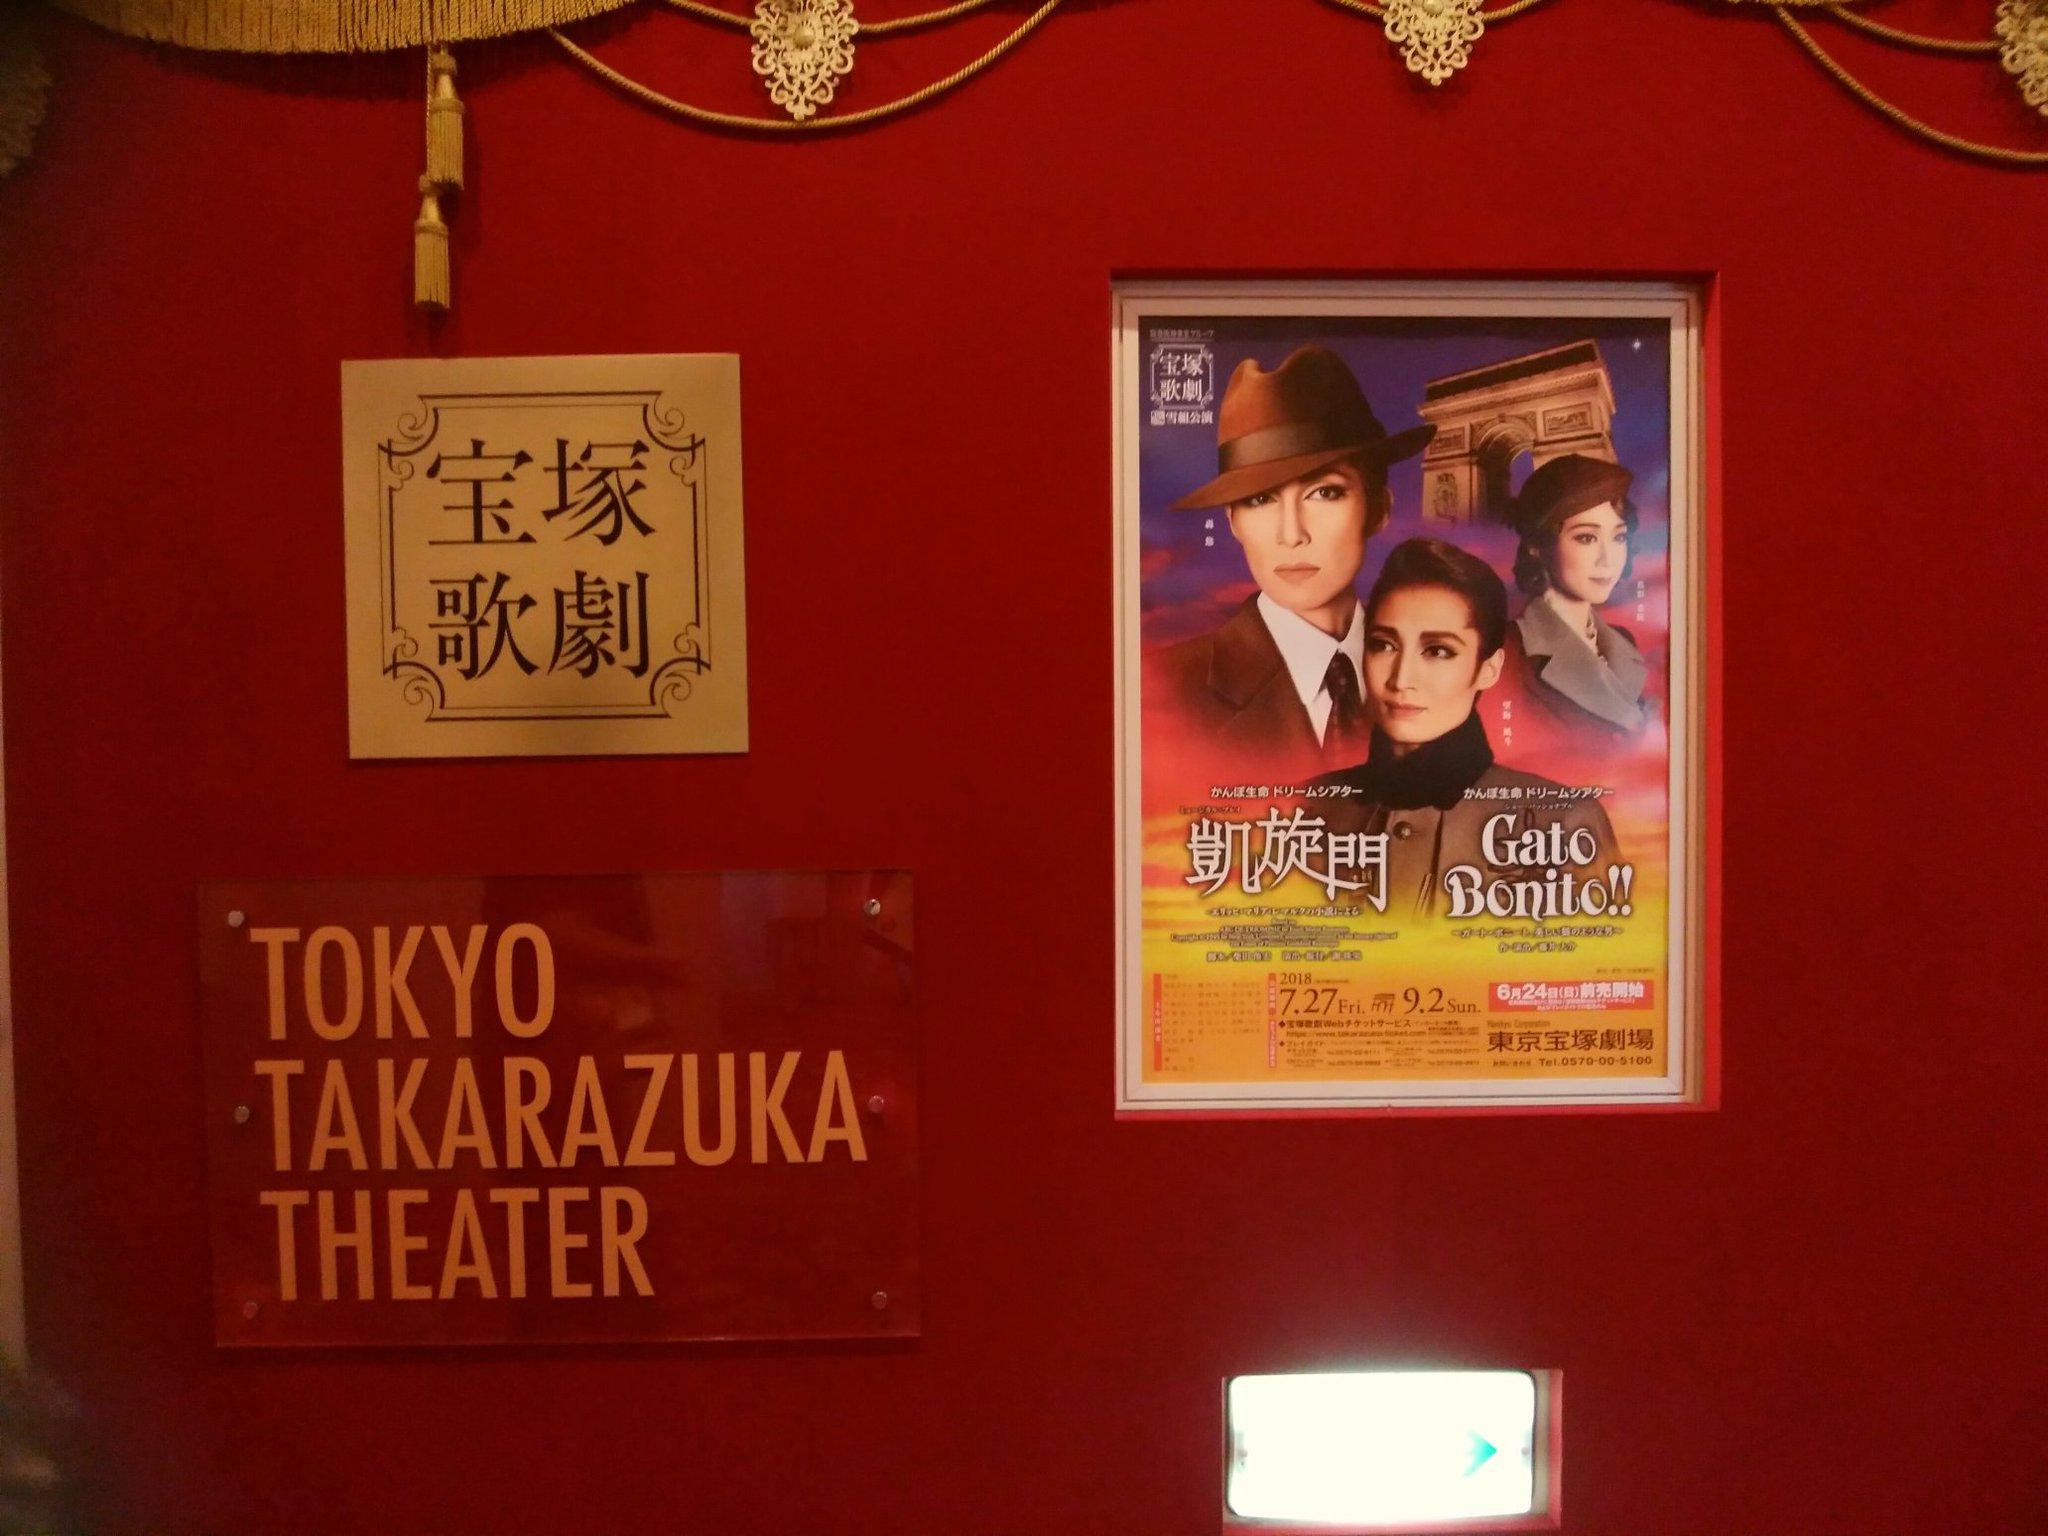 画像,雪組東京公演『凱旋門』『Gato Bonito!!』千秋楽おめでとうございます🎉まだ2公演ありますが無事幕が上がり無事幕が下りる事を心から願っています。また、今…